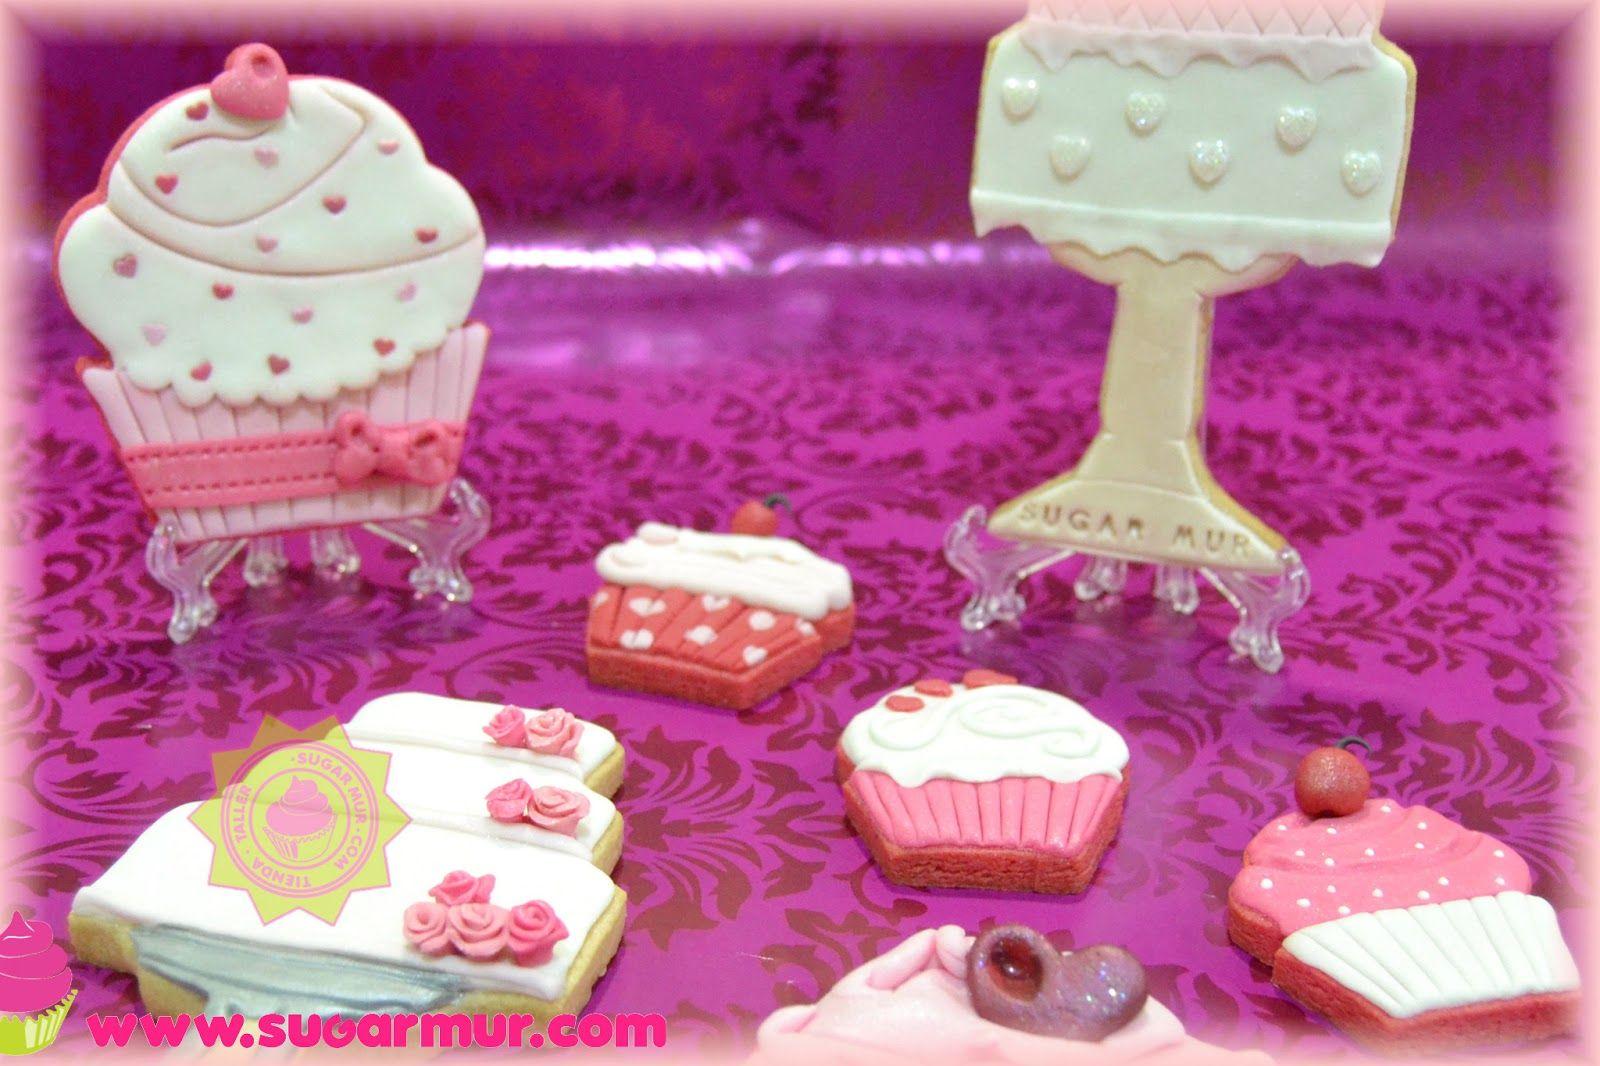 Sugar Mur: Cakes & Cupcakes